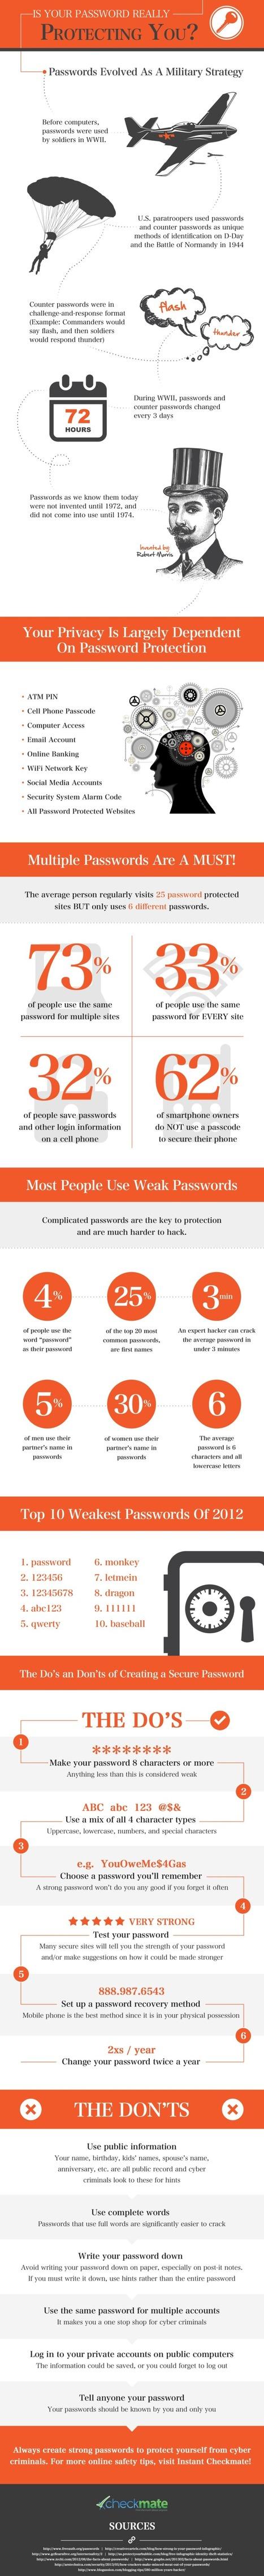 Votre mot de passe est-il vraiment sécurisé ? | Les nouvelles du web | Scoop.it